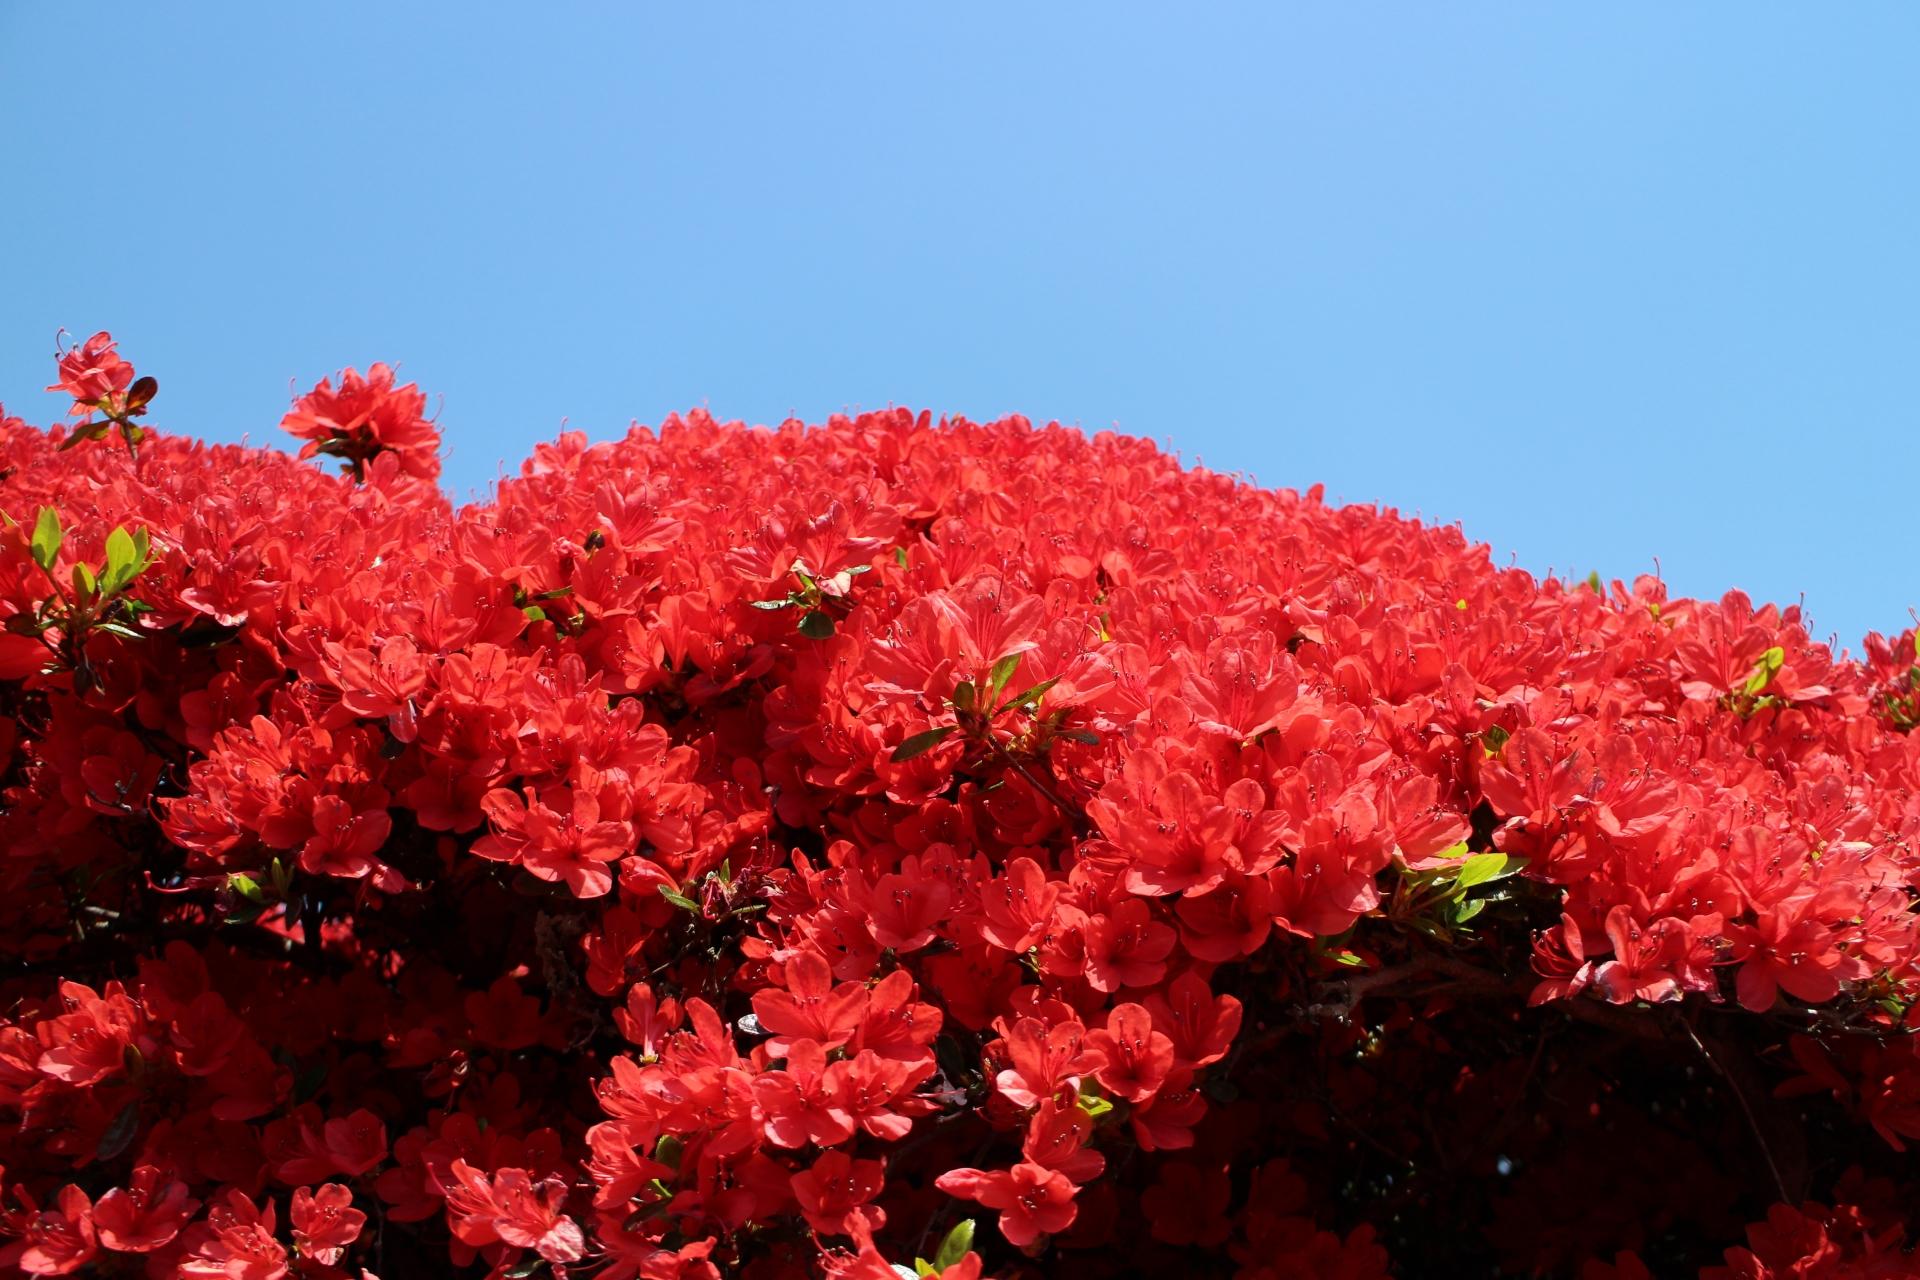 1002231_m 京都府 長岡天満宮(燃えるように赤く咲き乱れるキリシマツツジの名所スポット! 写真の紹介、アクセス情報など)